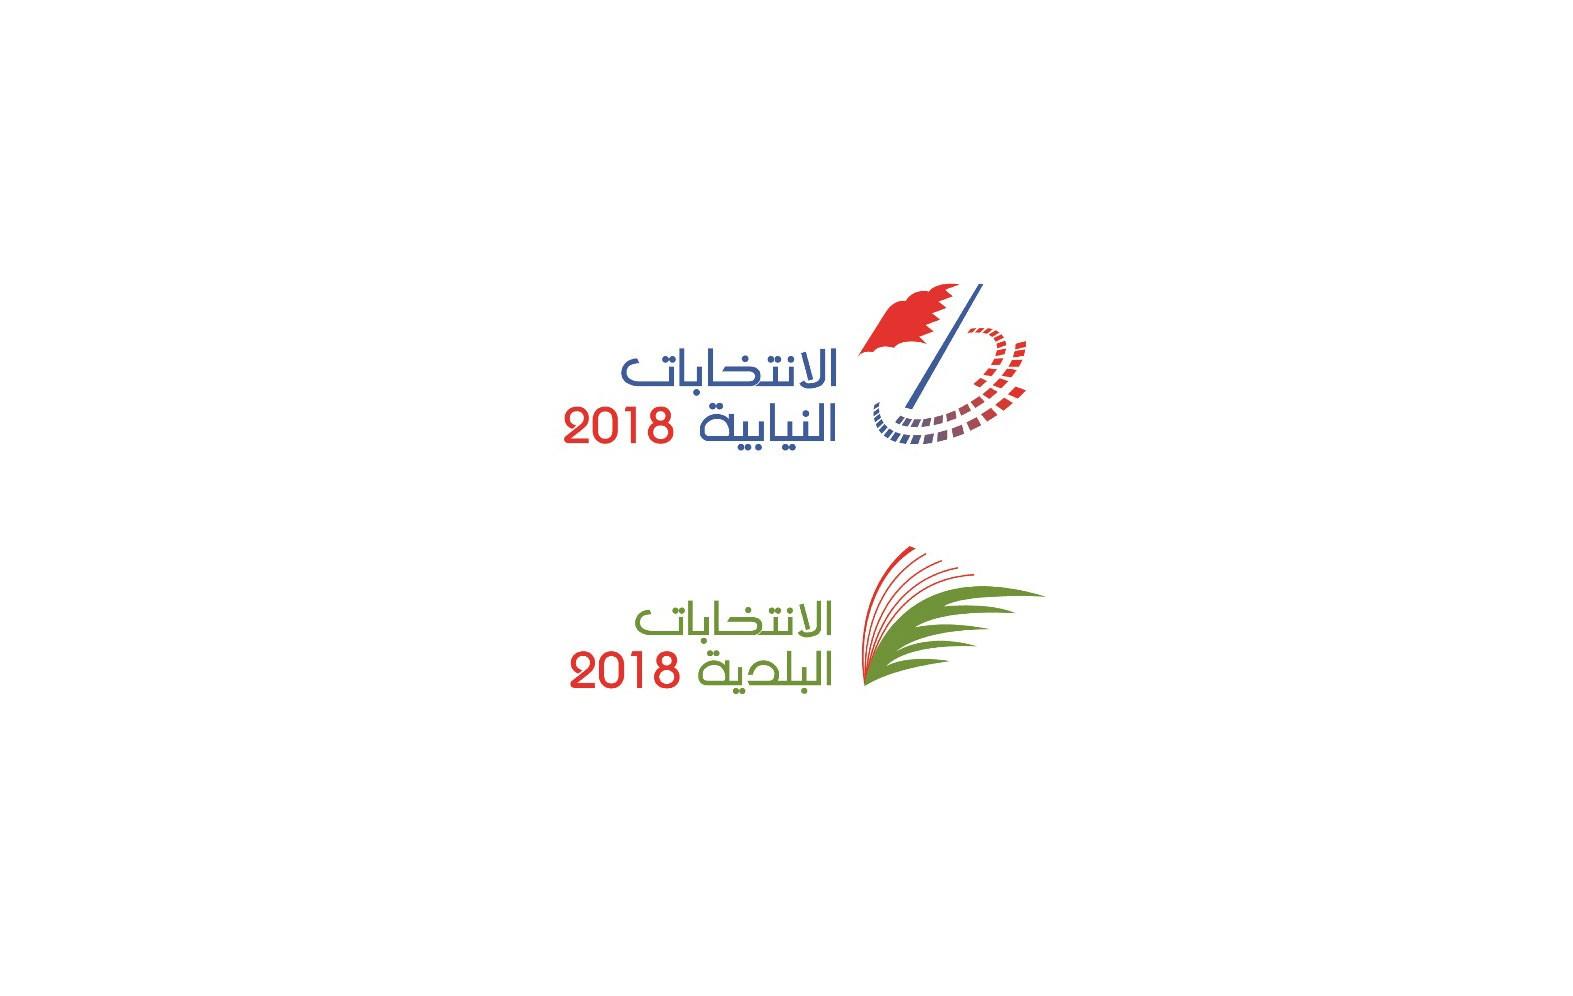 اللجنة التنفيذية : التصويت بالانتخابات في 14 مركز عام متاح لكل الناخبين